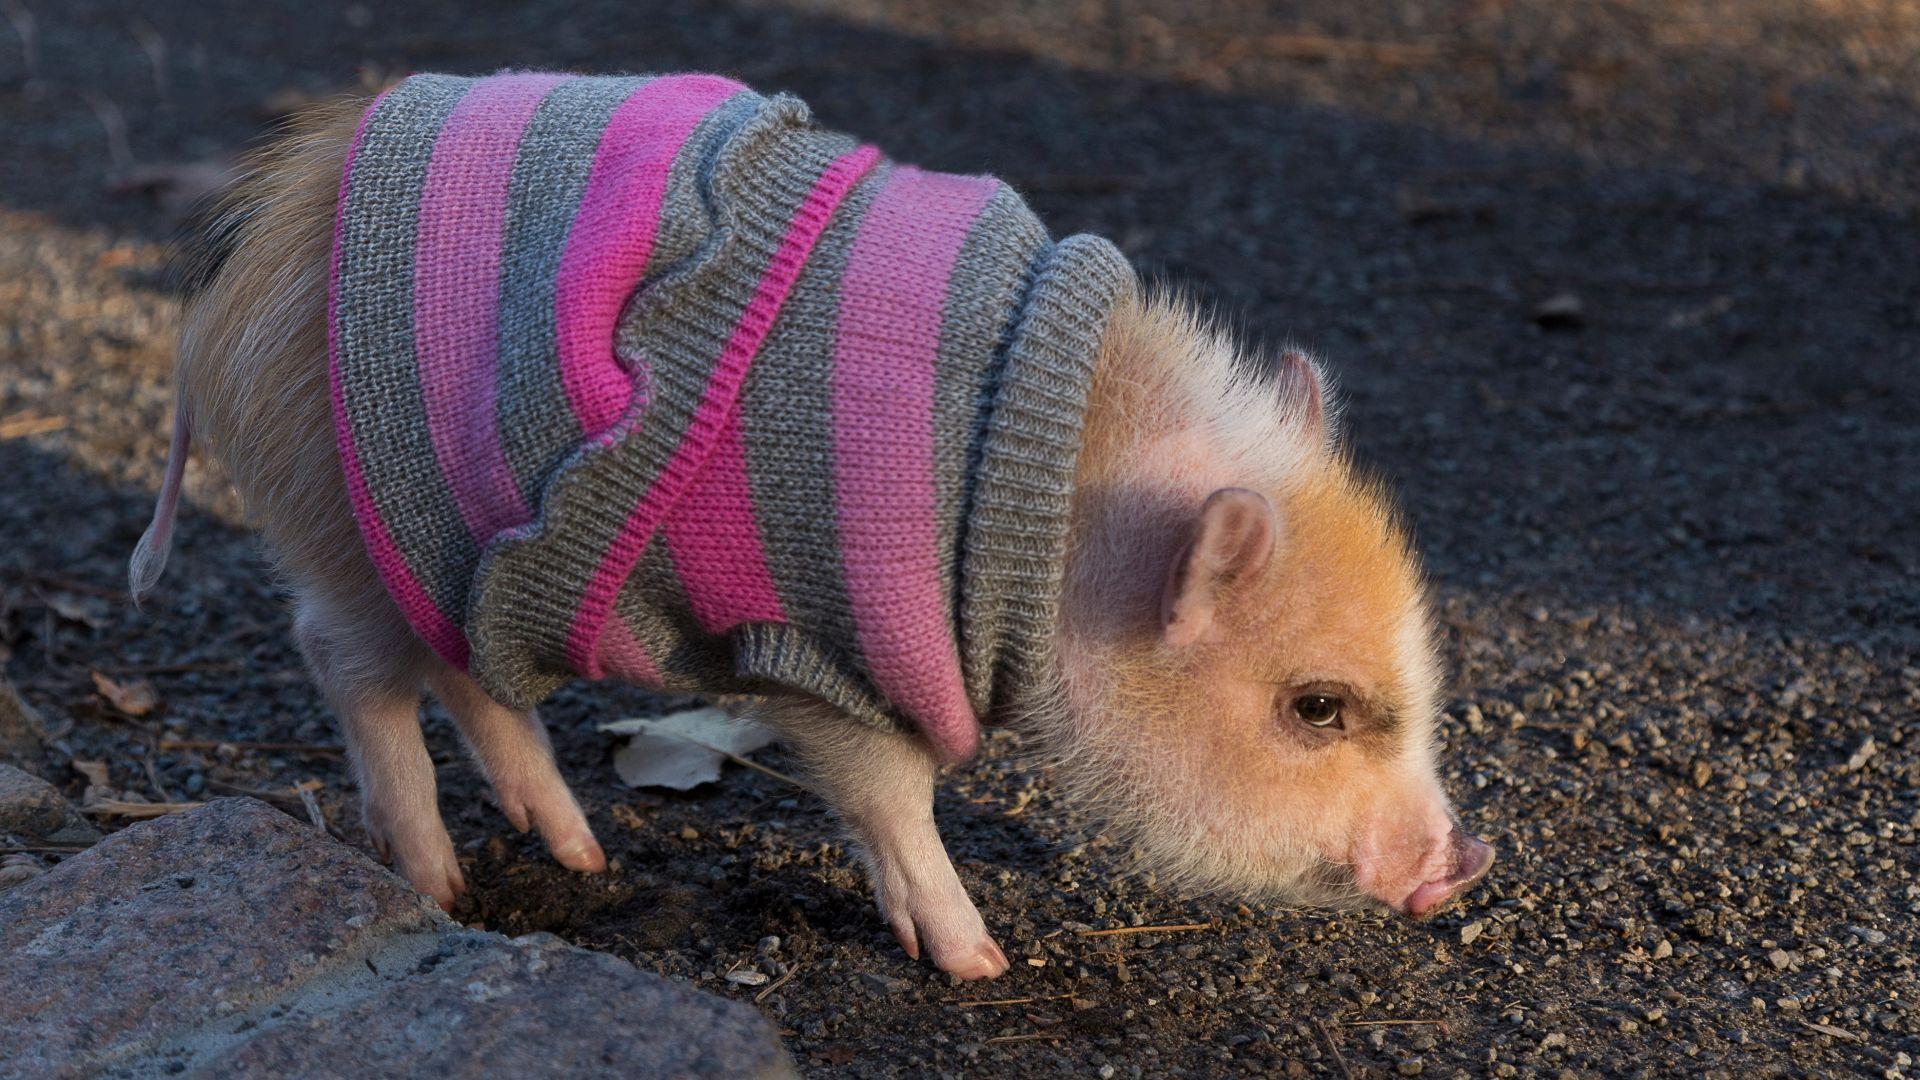 Хит в Русия: Отглеждат мини прасета като домашни любимци